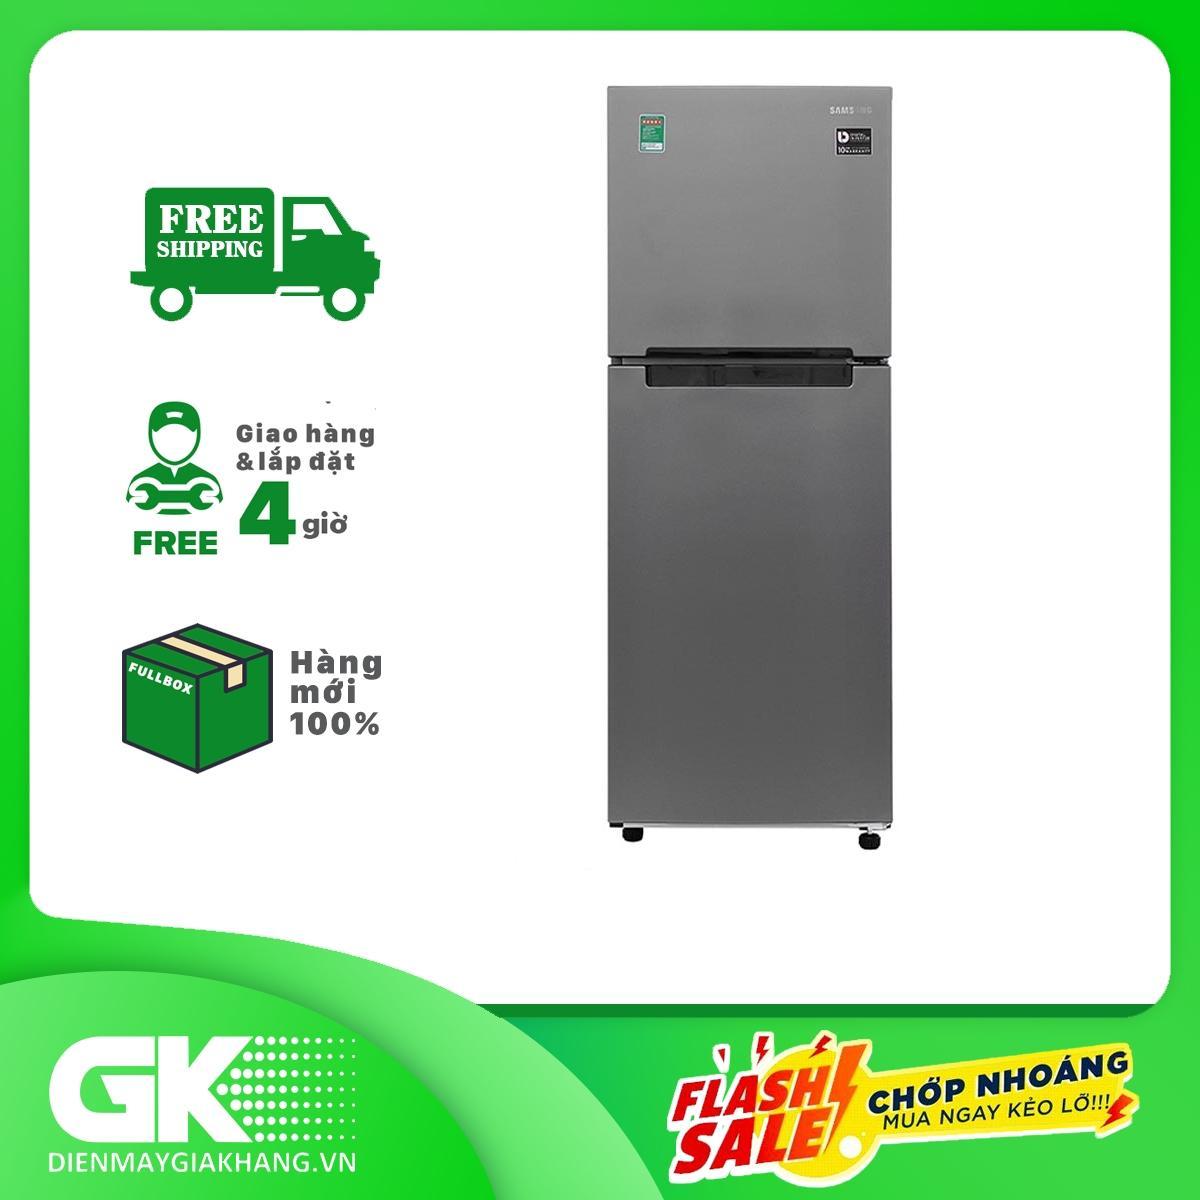 Tủ lạnh Samsung Inverter 208 lít RT19M300BGS/SV, Công nghệ Deodorizer kháng khuẩn, khử mùi, làm lạnh hiệu quả với luồng khí lạnh đa chiều - Bảo hành 12 tháng.